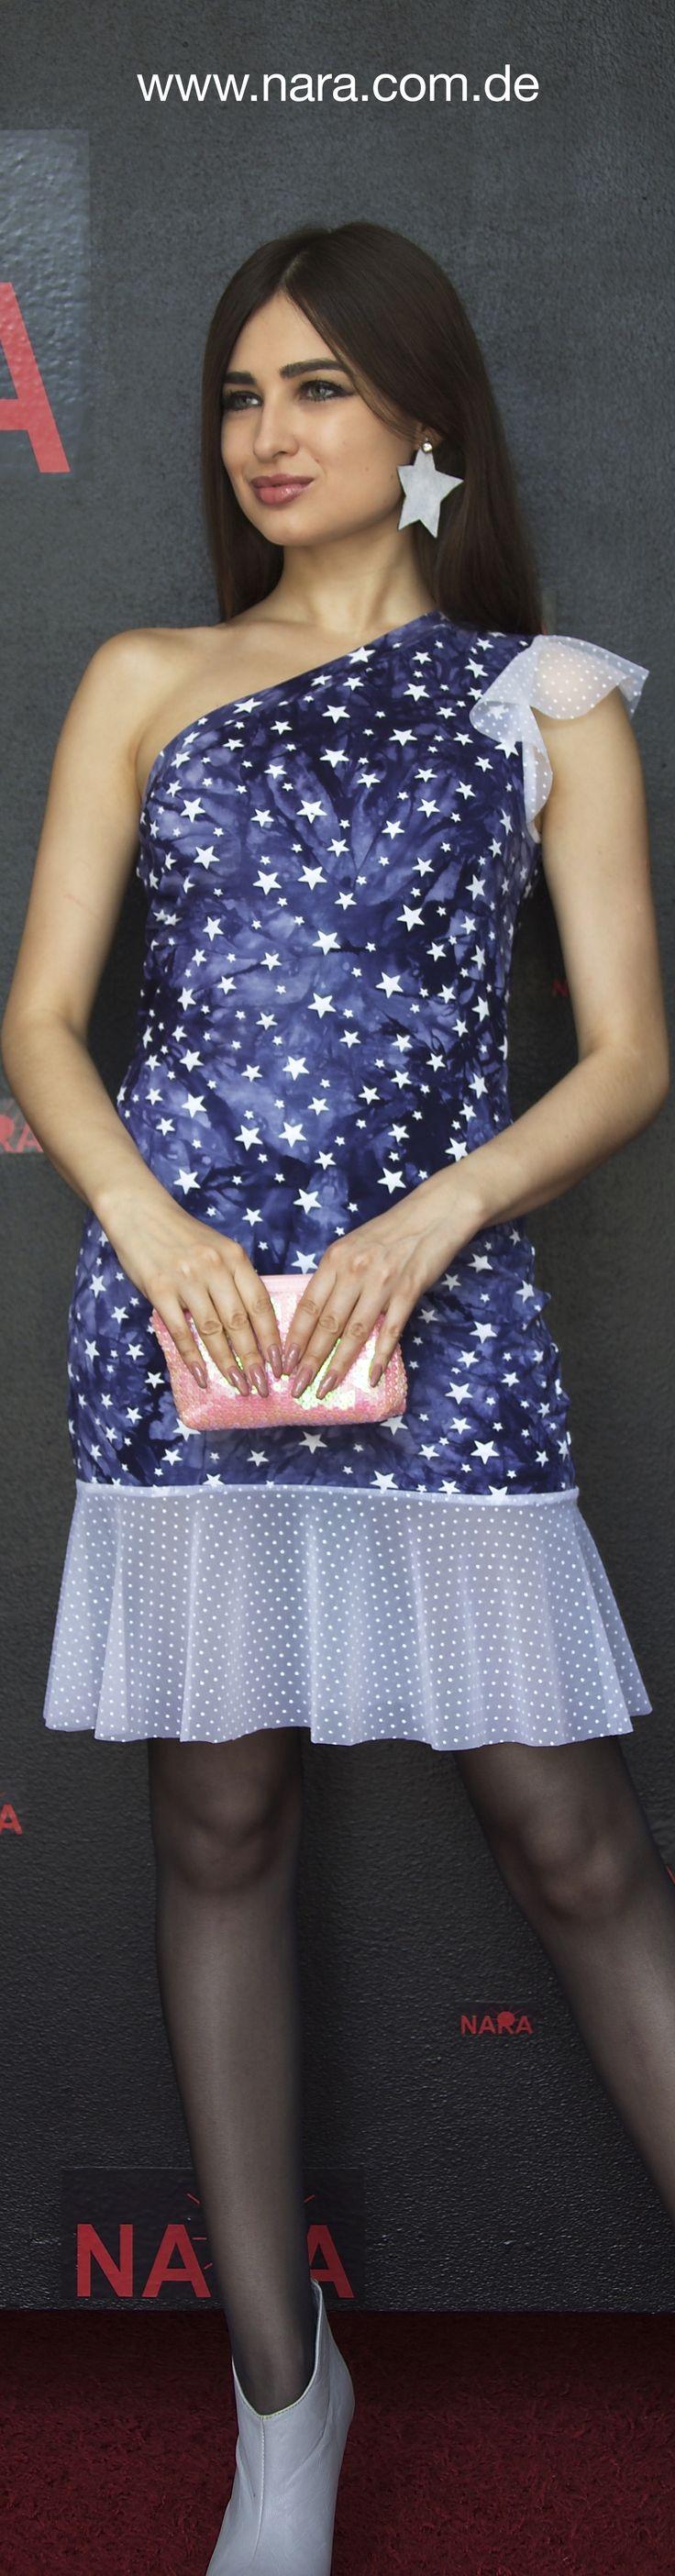 Cocktailkleid, Partykleid, Volantkleid, Außergewohnliches Abend Cocktaikleid sehr aufwendiges Kleid, das etwas andere, Paillettenkleid, One-Shoulder-Kleid, Minikleid, enges Kleid, sexy Kleid, kurzeskleid, Bandeau-Kleider, Bustierkleid, Ballonkleid, Spitzenkleid, Babydoll Kleid